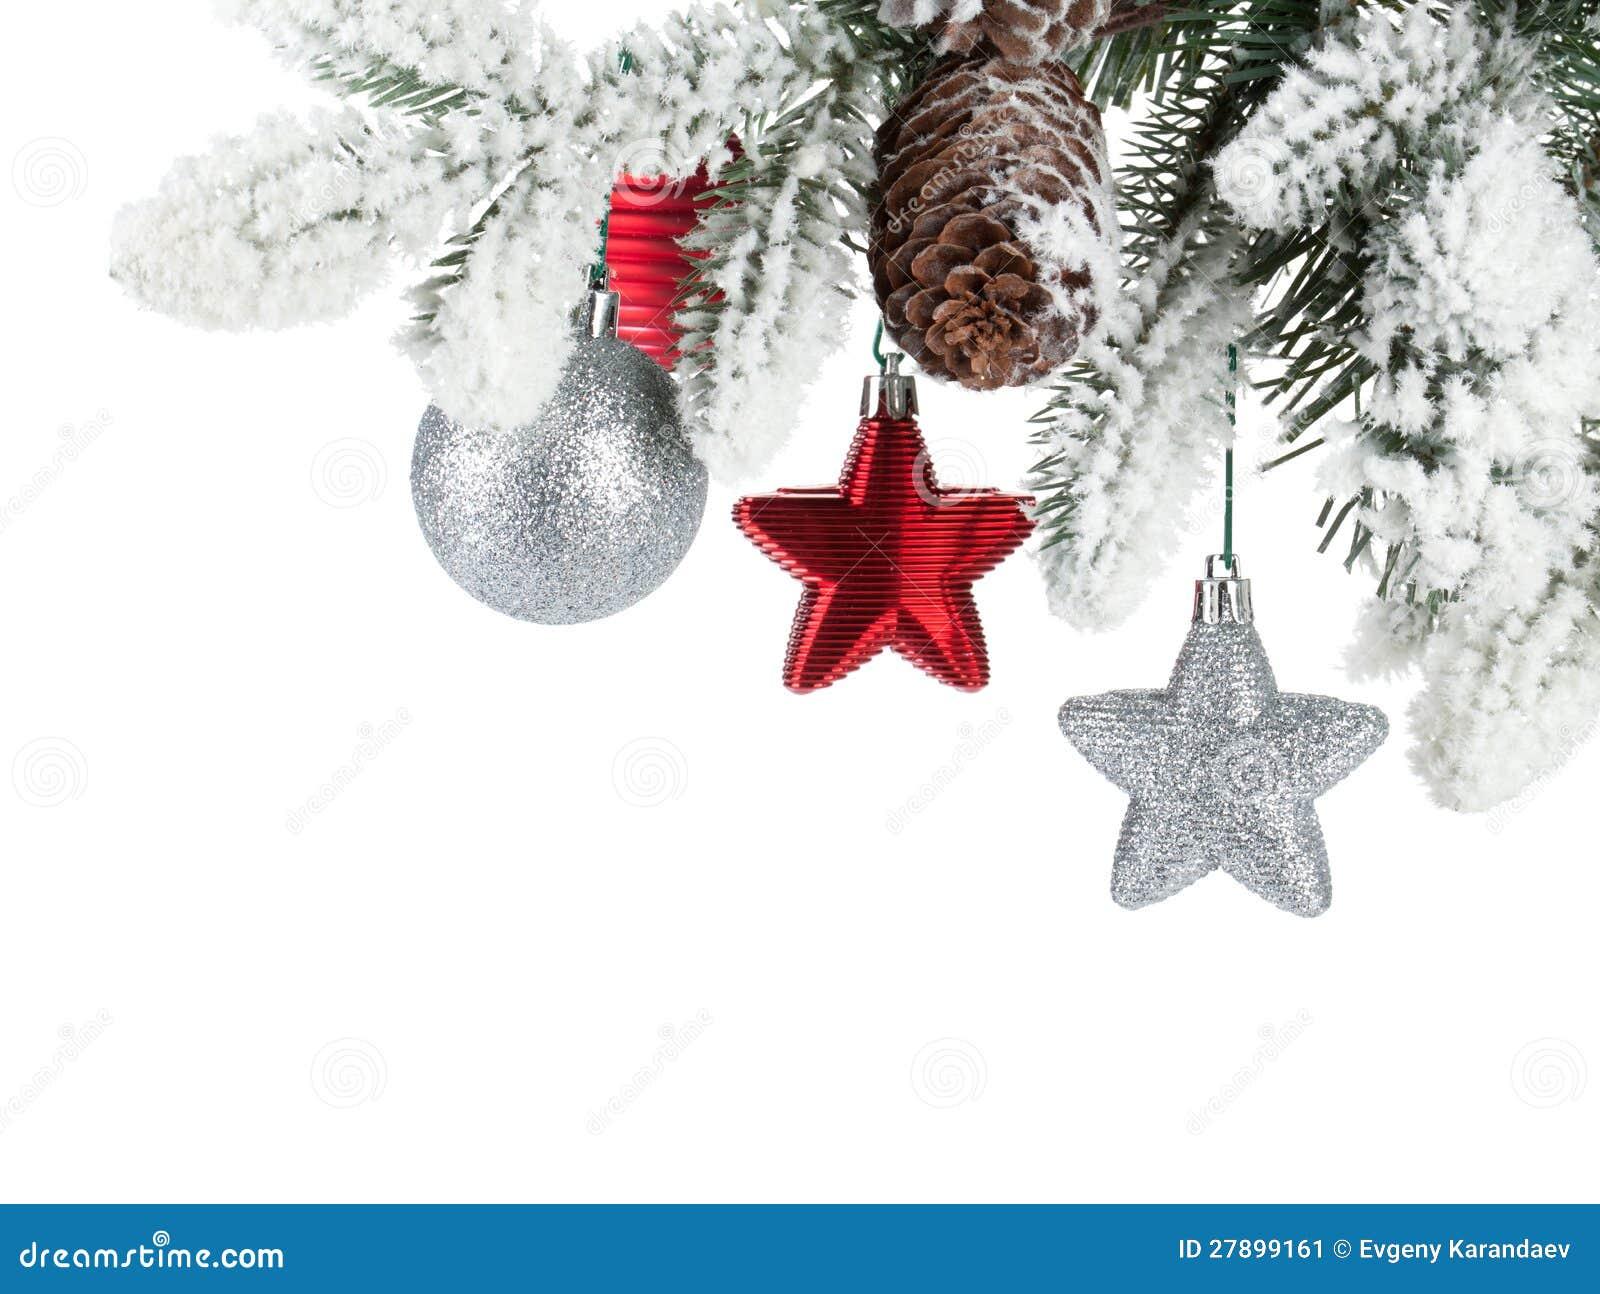 Tannenbaumzweig Mit Weihnachtsdekor Stockbild - Bild von flitter ...